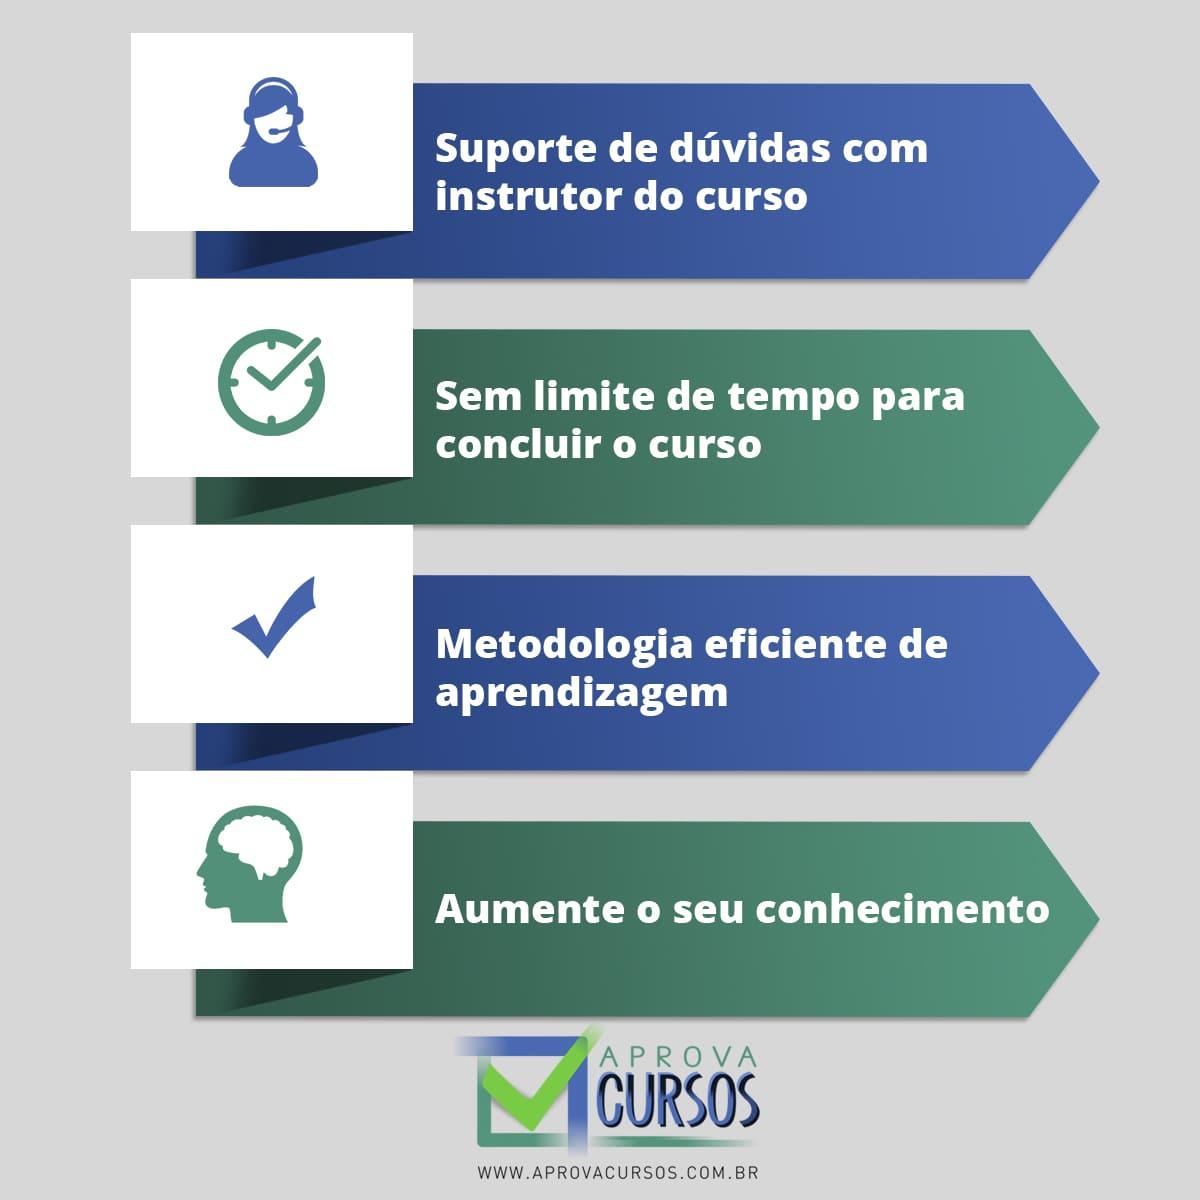 Curso online de Empreendedorismo + Certificado  - Aprova Cursos